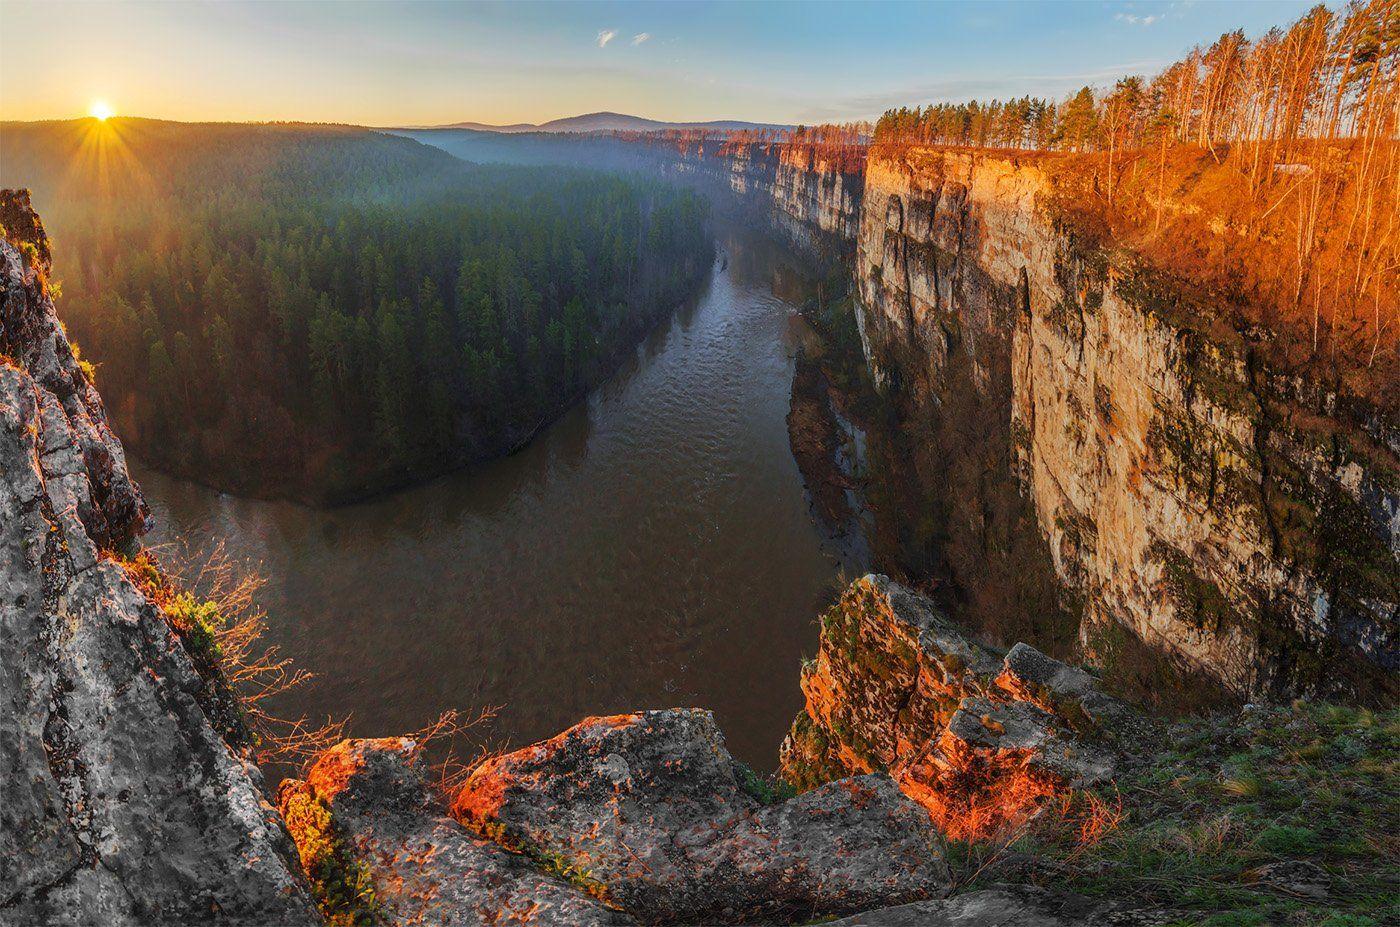 природа, пейзаж, урал,  весна, утро, восход, рассвет, река, панорама, Альберт Беляев